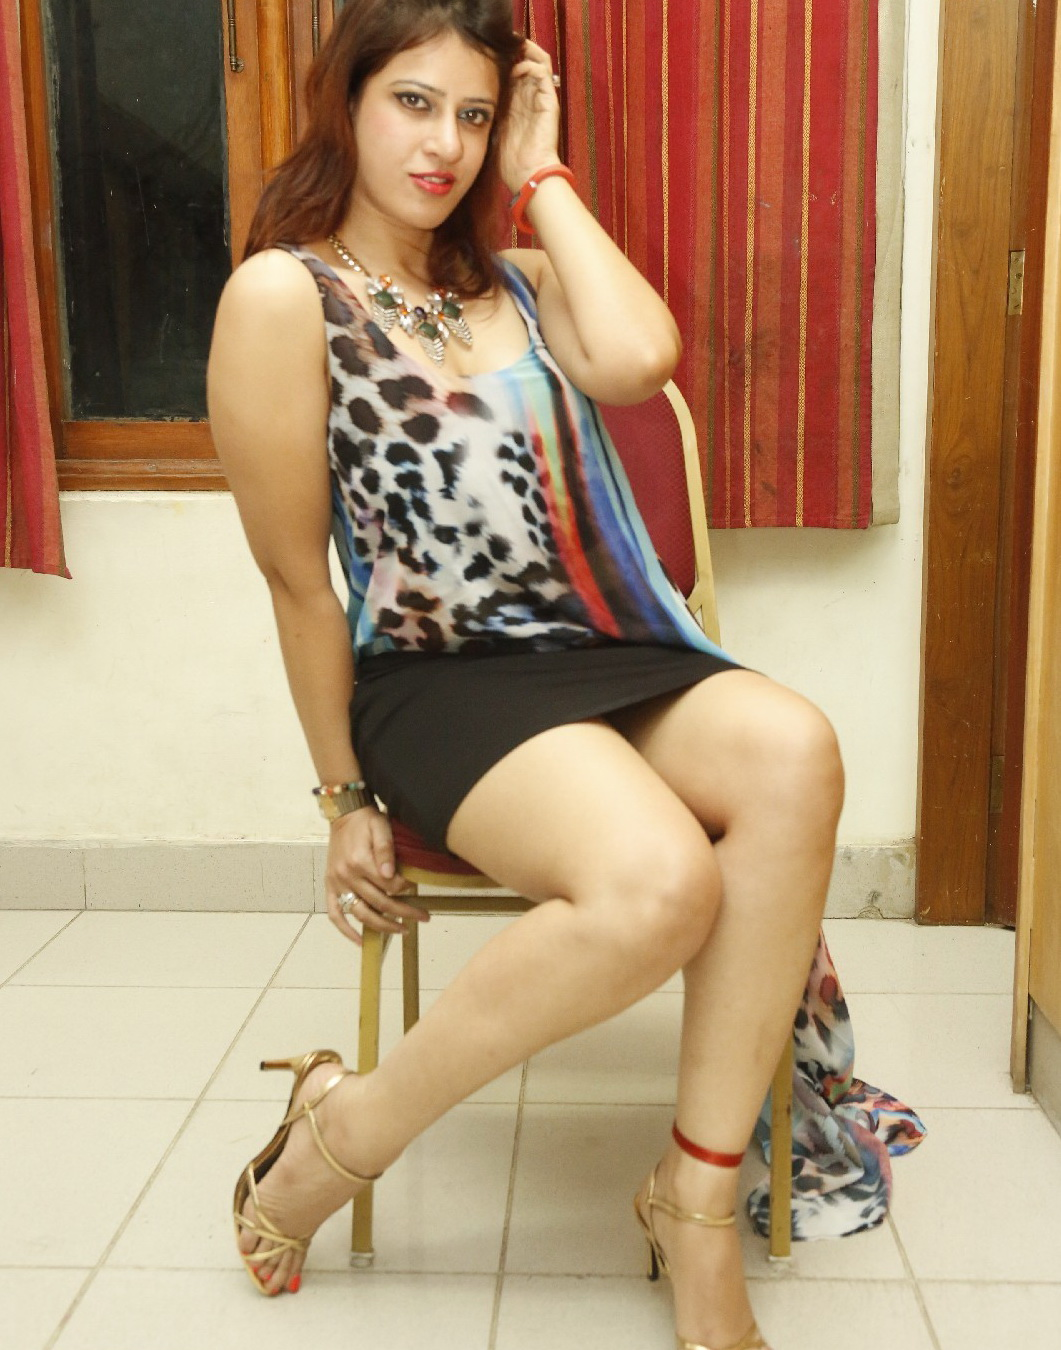 kerala-girls-hot-legs-image-nude-mud-wrestling-videos